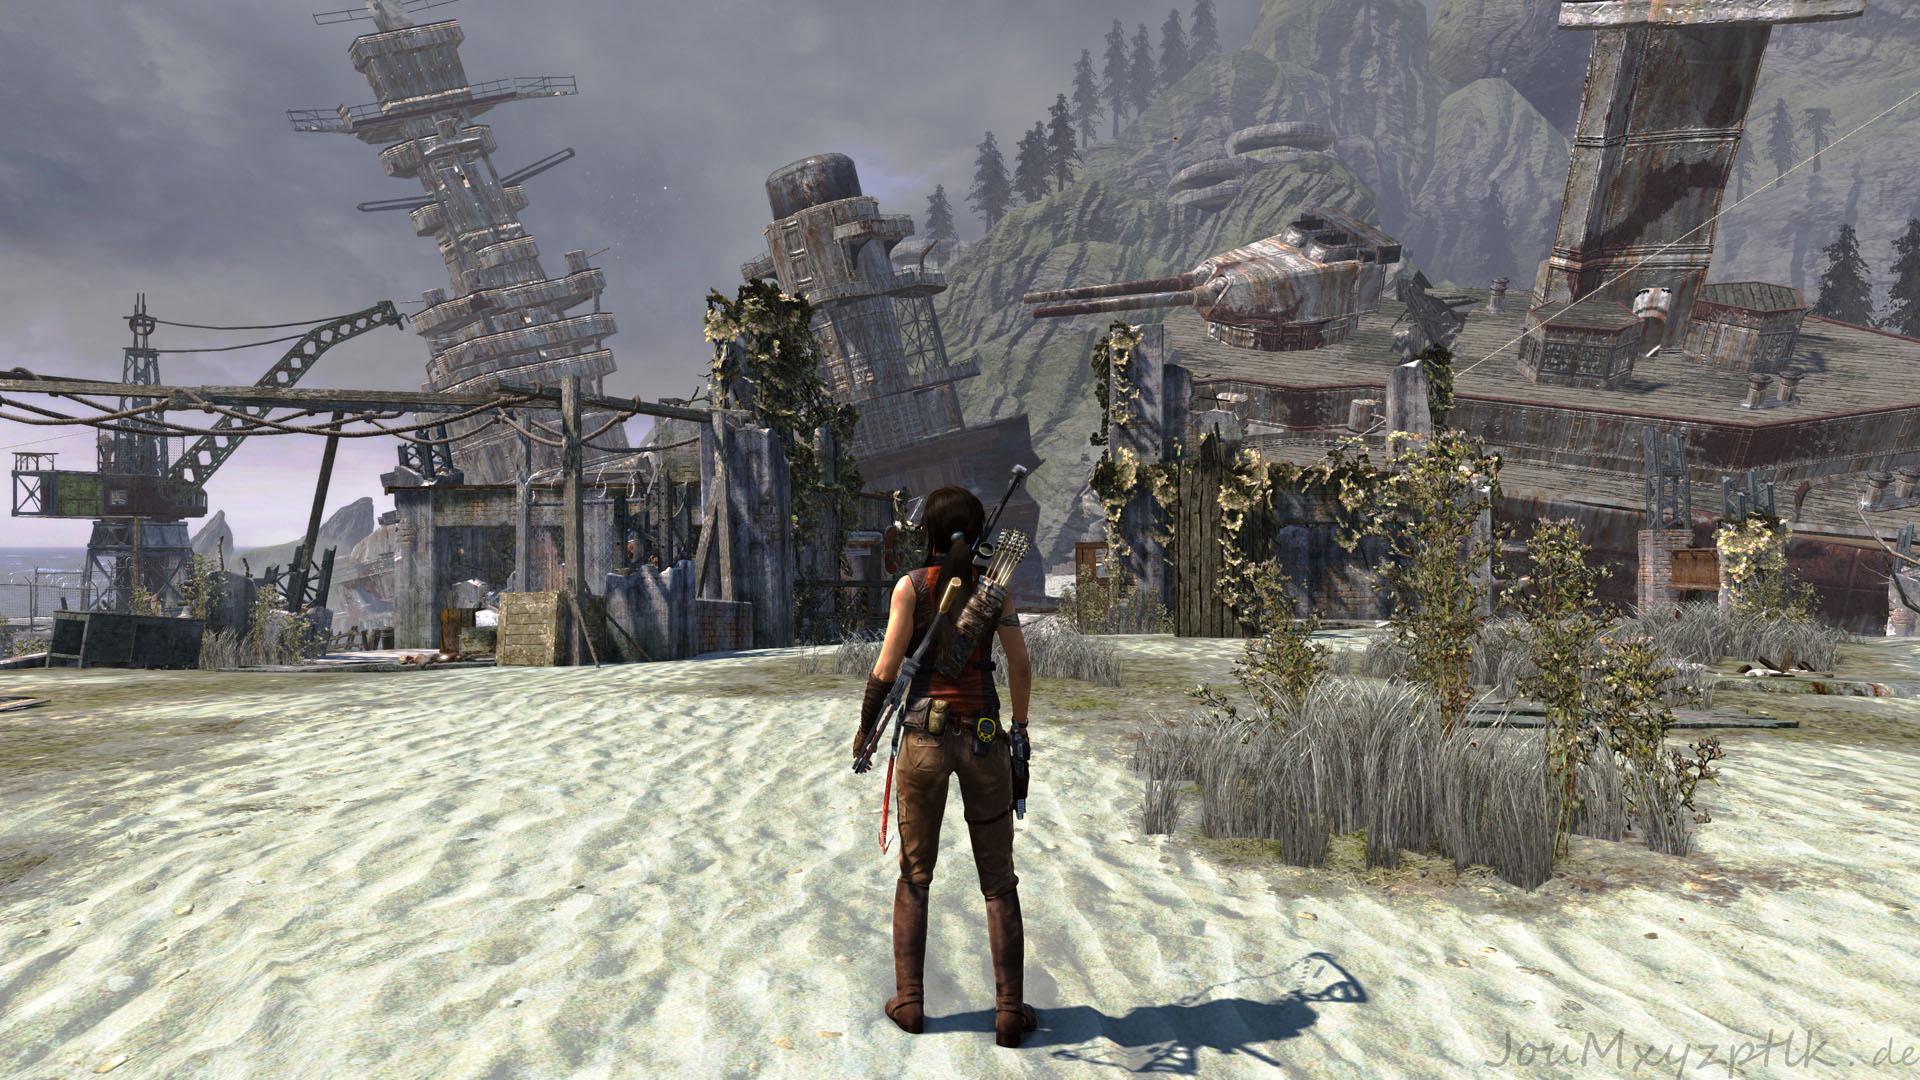 PC-Spiele mit 4K, 5K, 6K: So klappt's mit Downsampling - ... mit Downsampling von 4K auf Full-HD noch viel detailreicher. (Screenshot: Joachim Otahal)